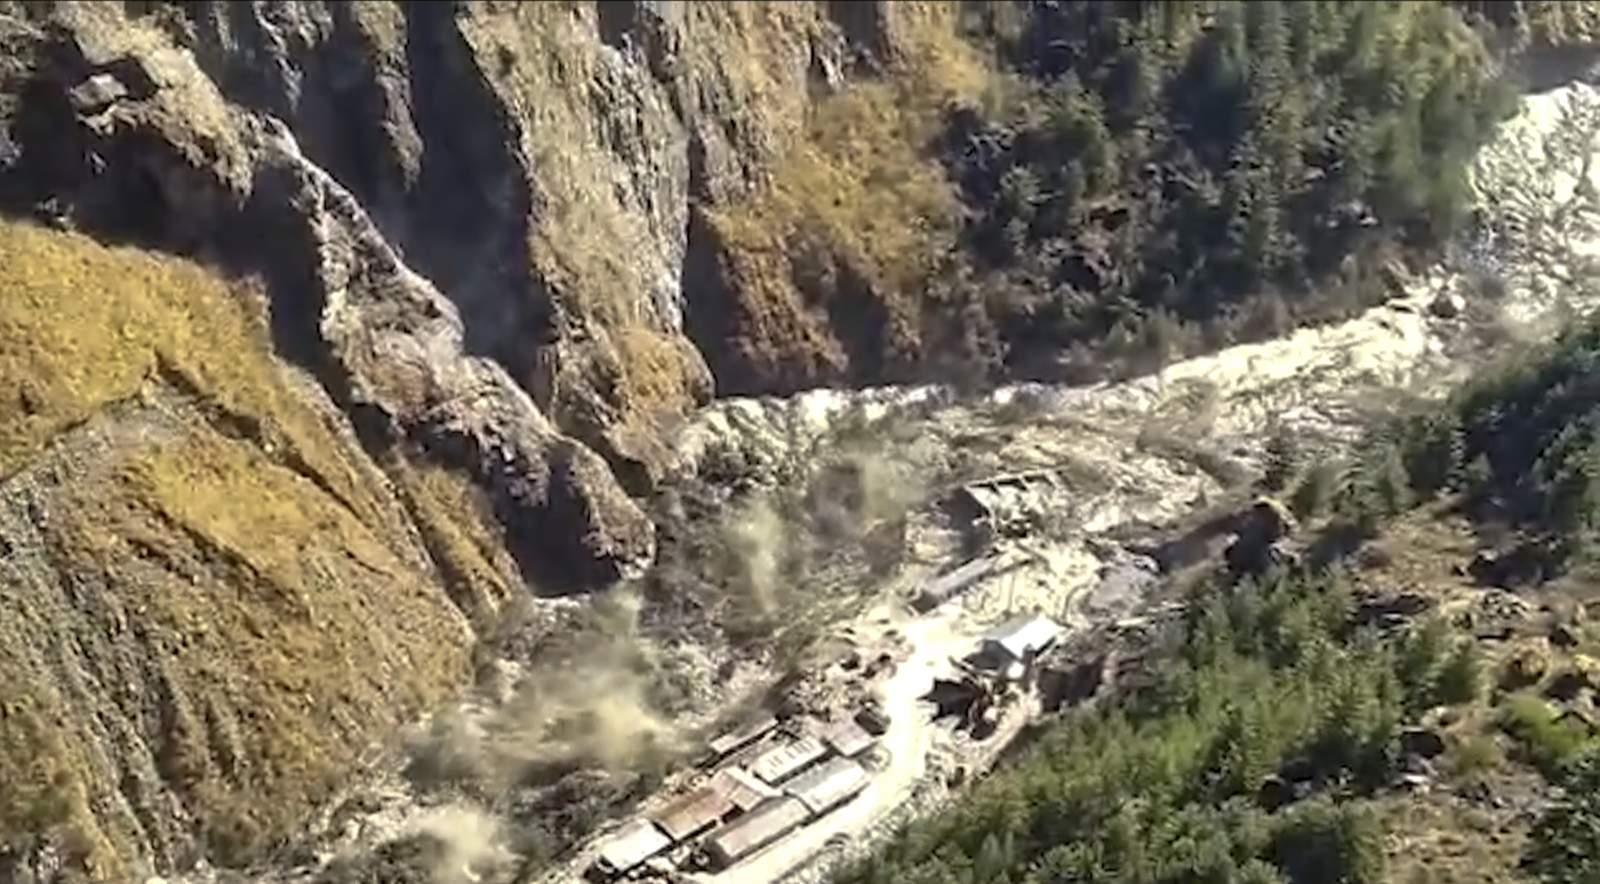 Shembja e akullnajës në veri të Indisë, nëntë viktima e 140 të zhdukur